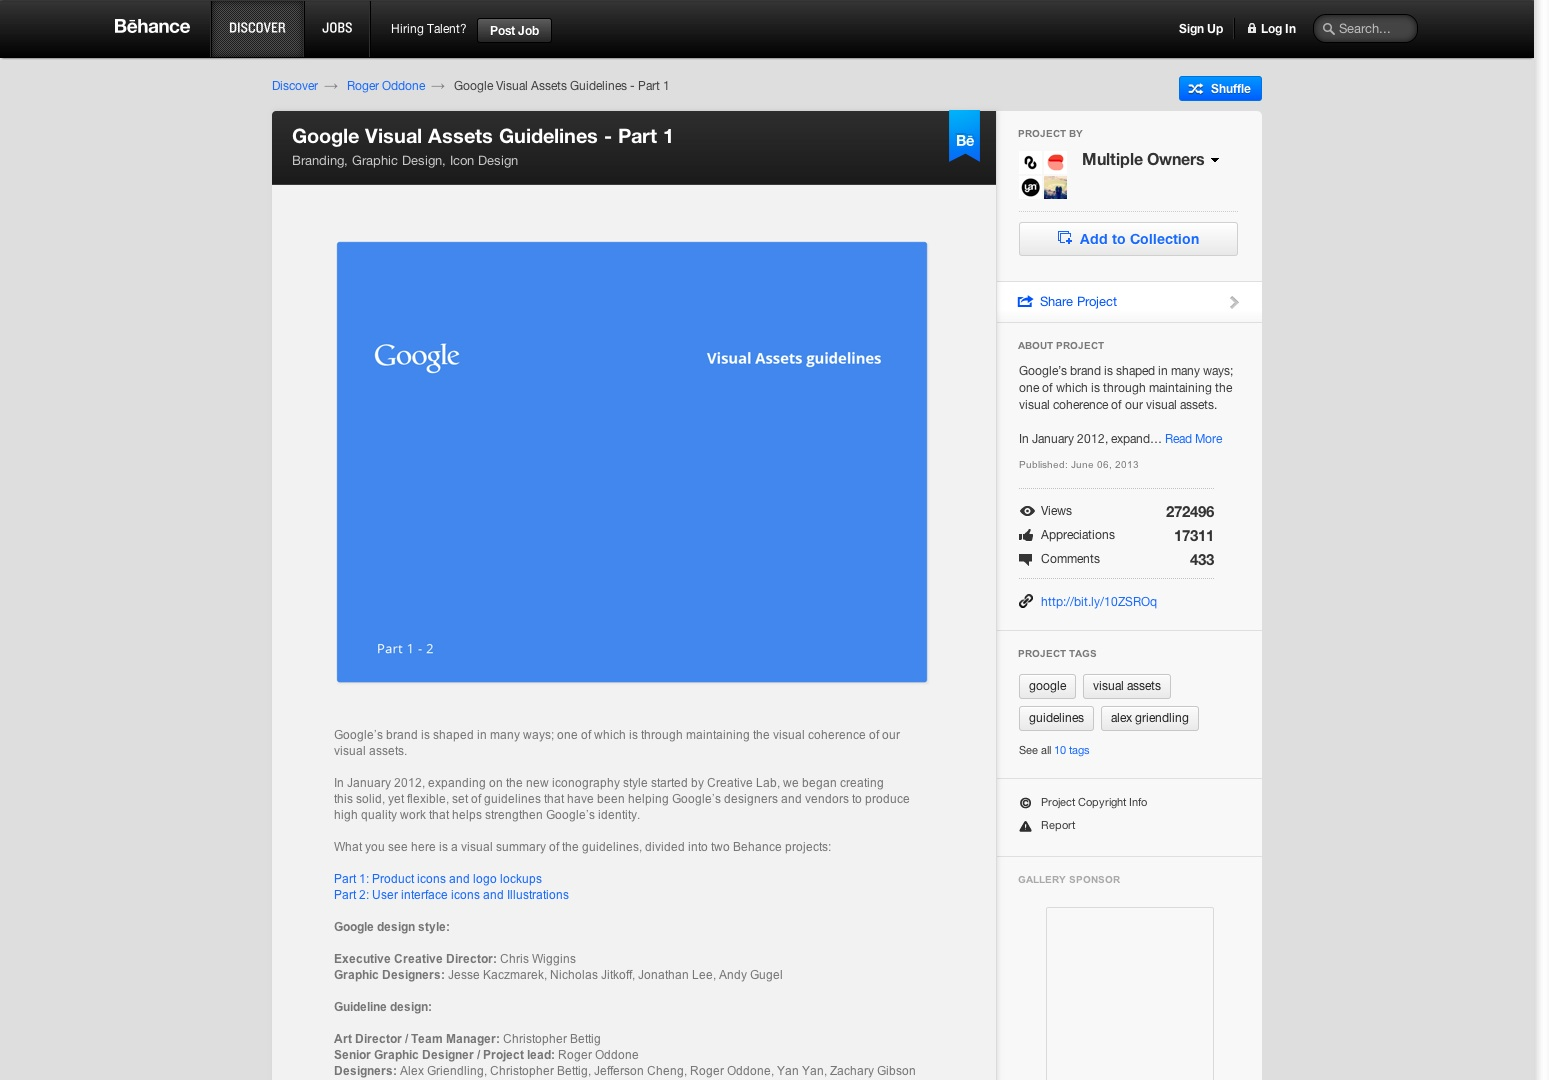 Richtlijnen voor visuele inhoud van Google - deel 1 over Behance